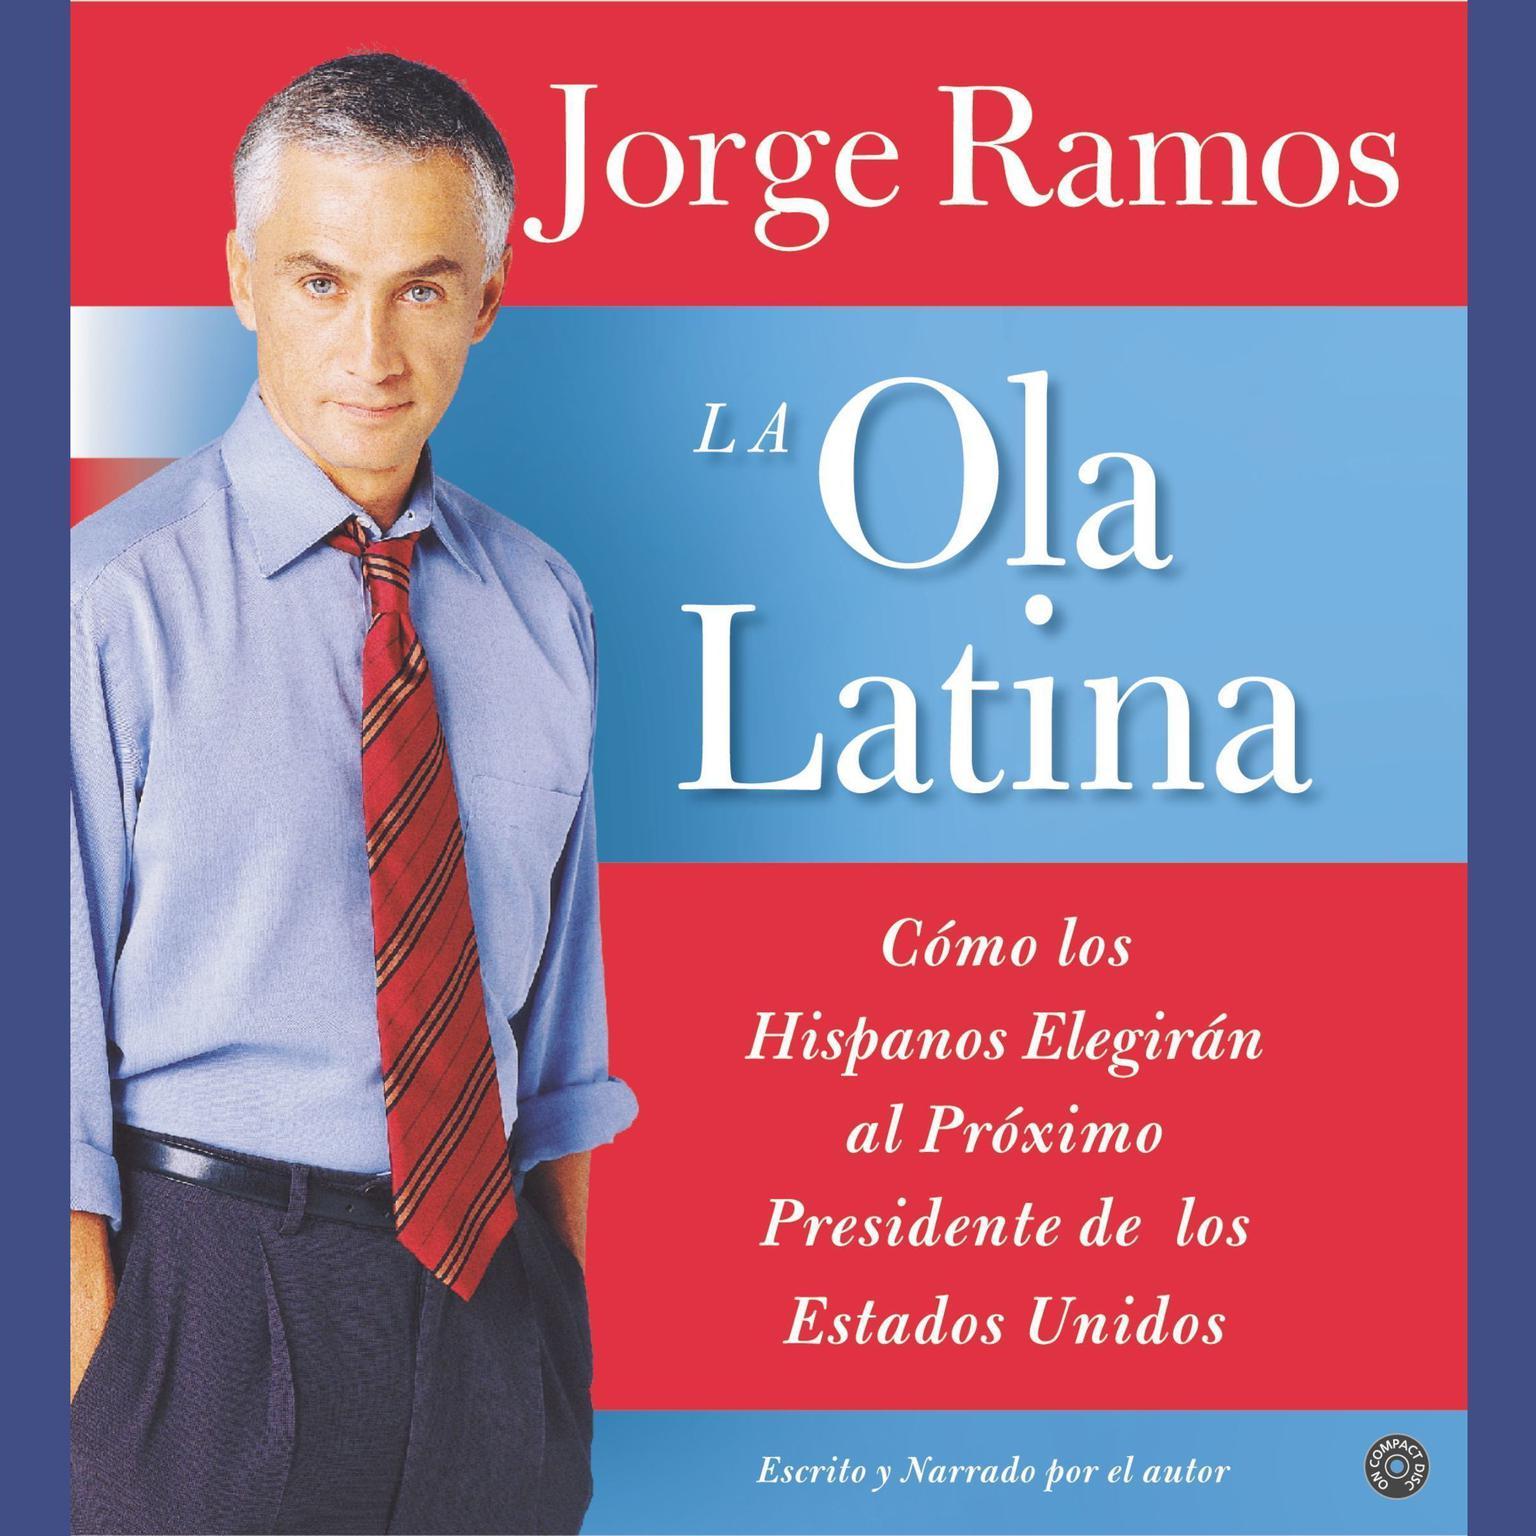 La Ola Latina (Abridged): Como los Hispanos Estan Transformando la Politica en los Estados Unidos Audiobook, by Jorge Ramos